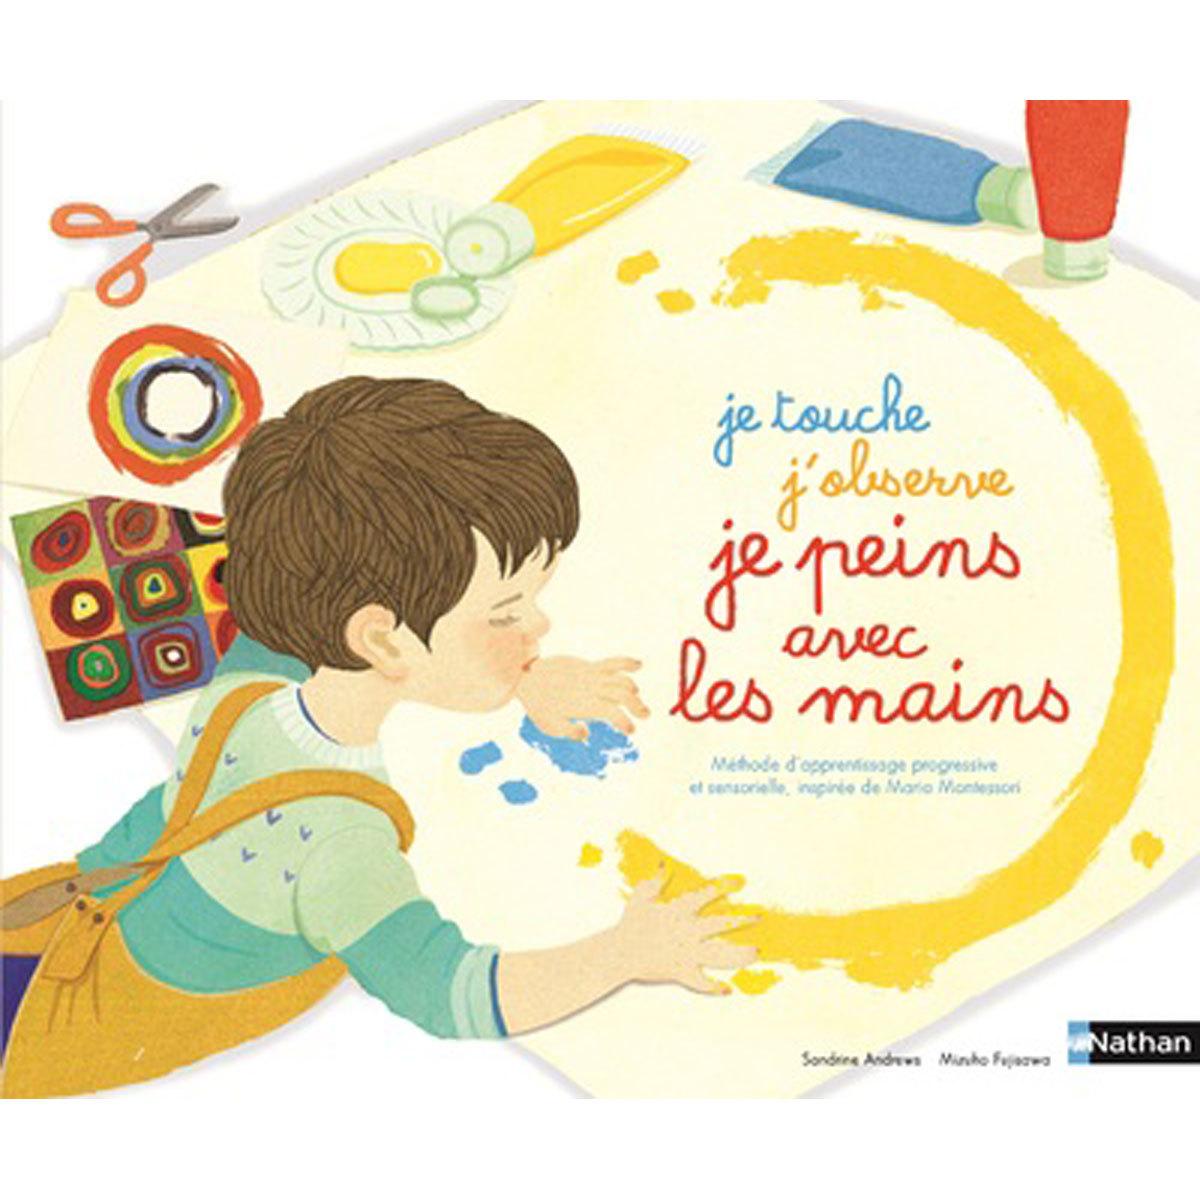 Livre & Carte Je touche, j'observe, je peins avec les mains Je touche, j'observe, je peins avec les mains